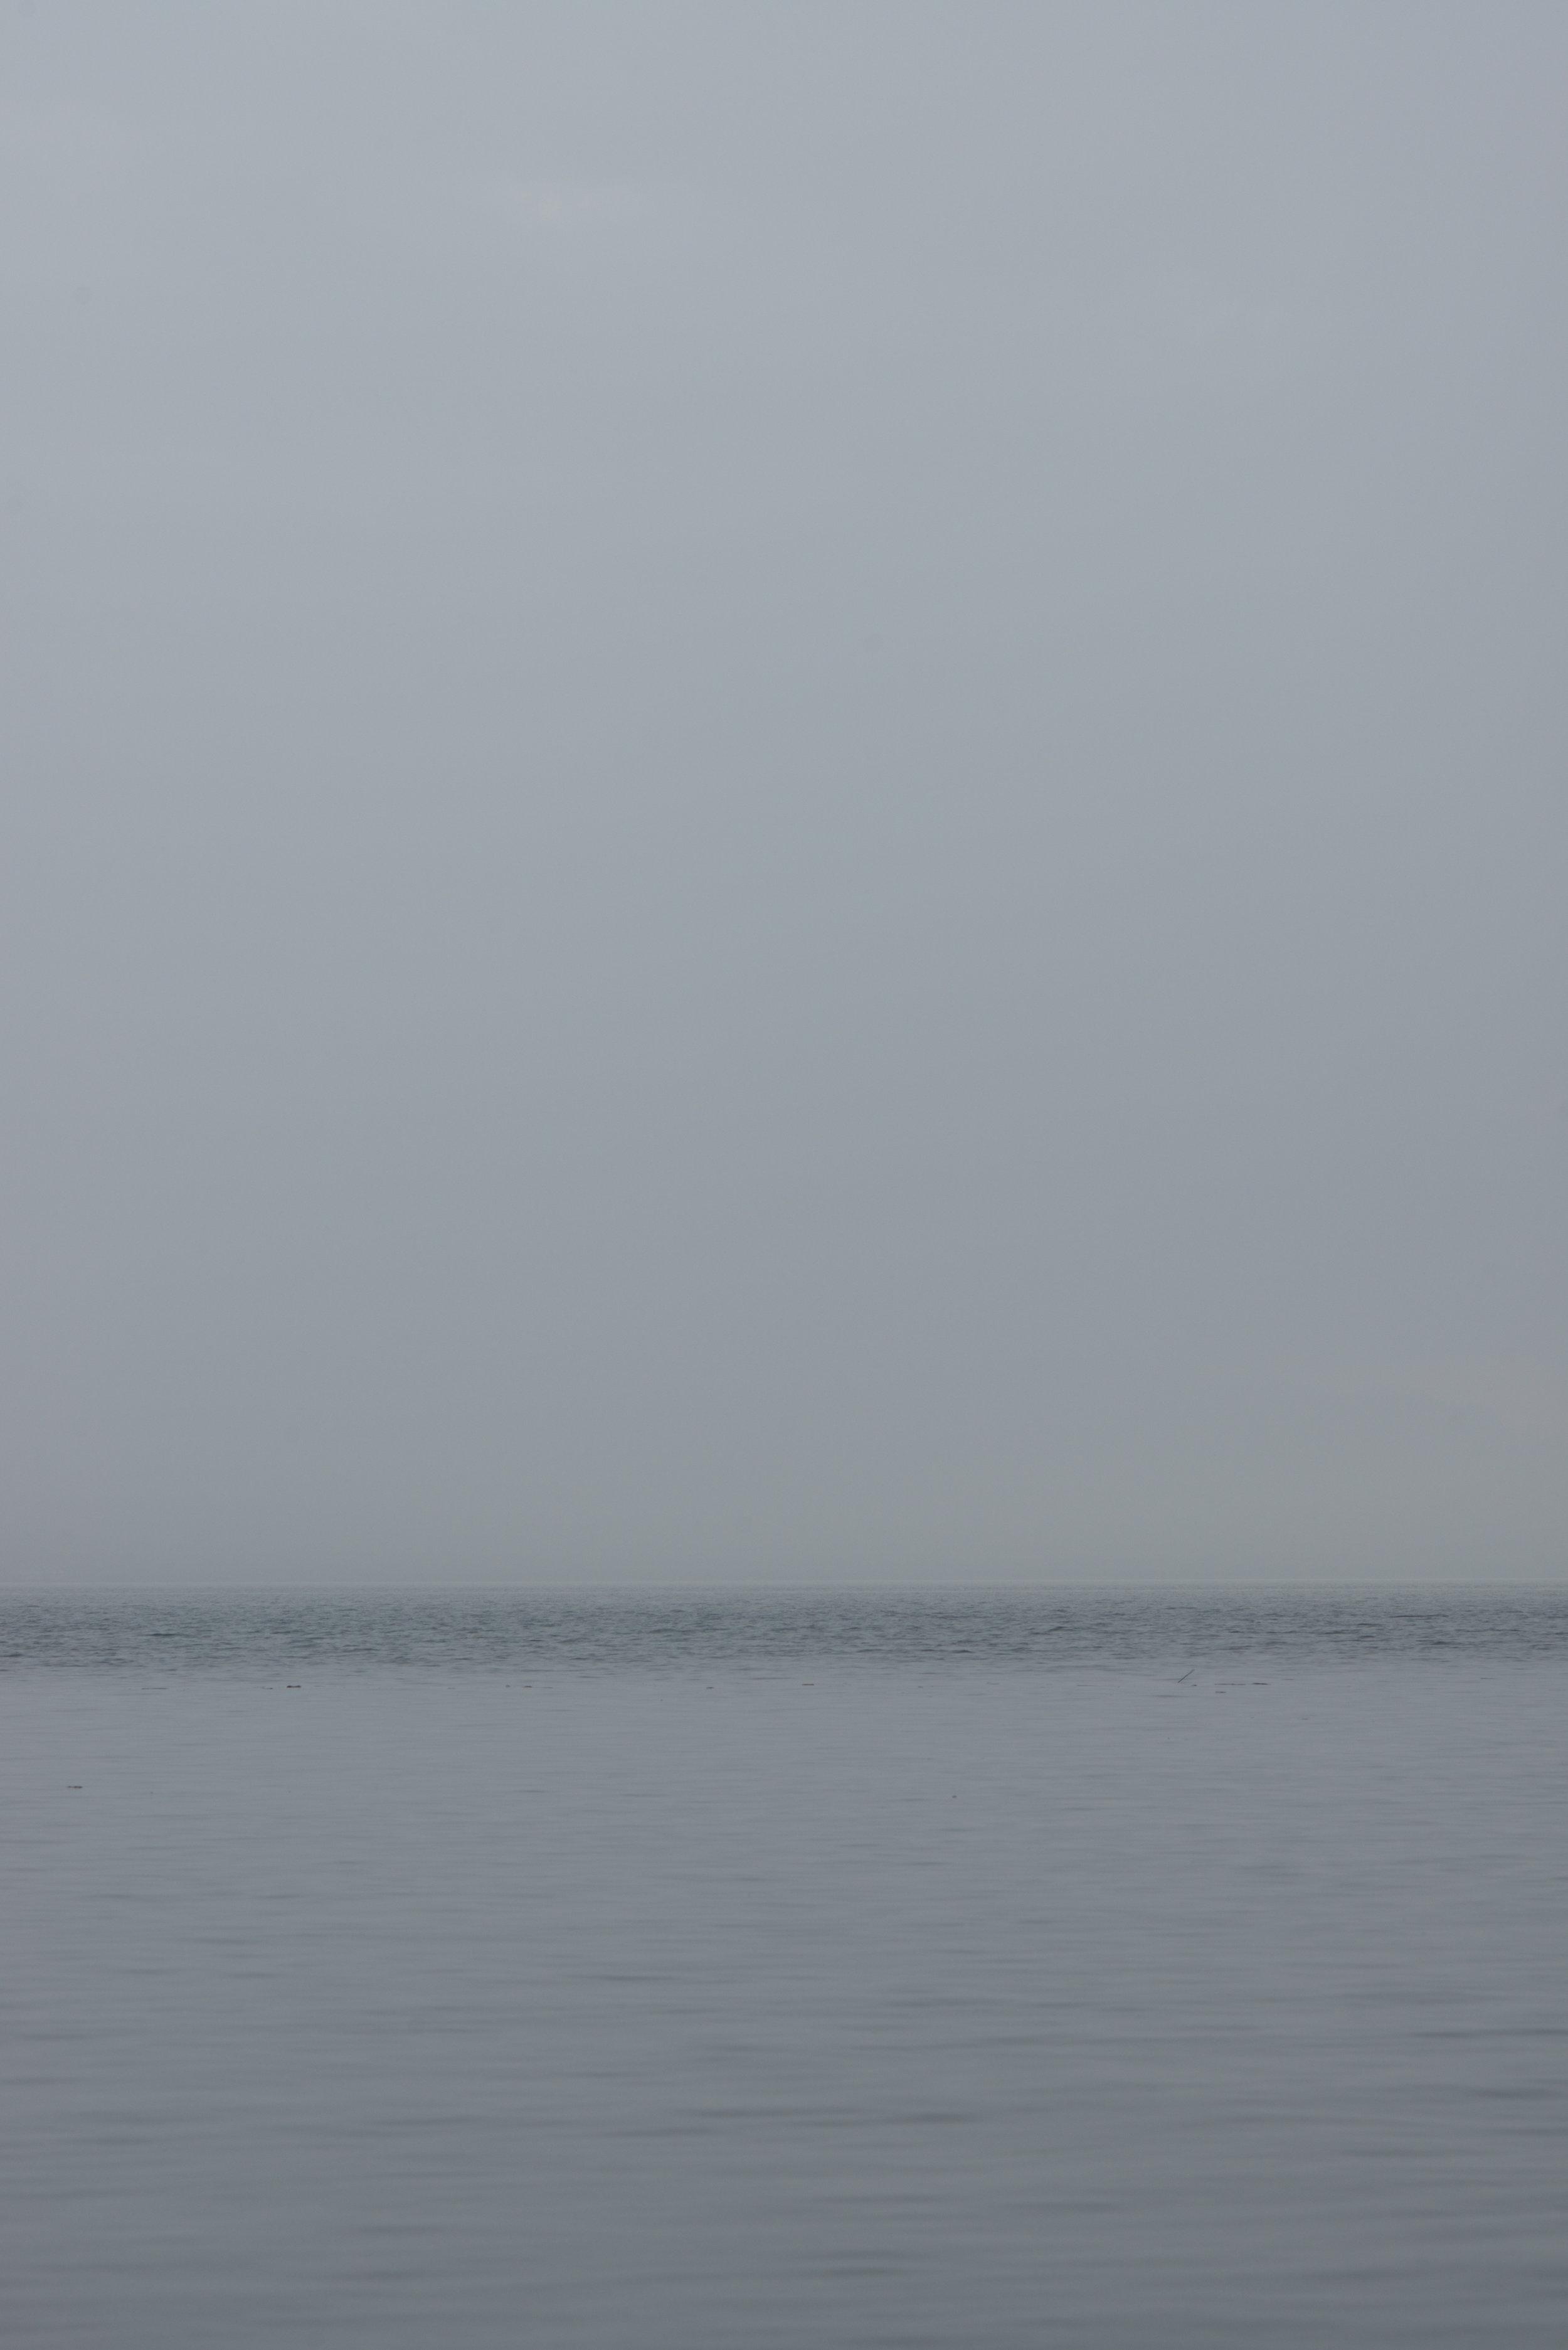 Puget Sound (2).jpg